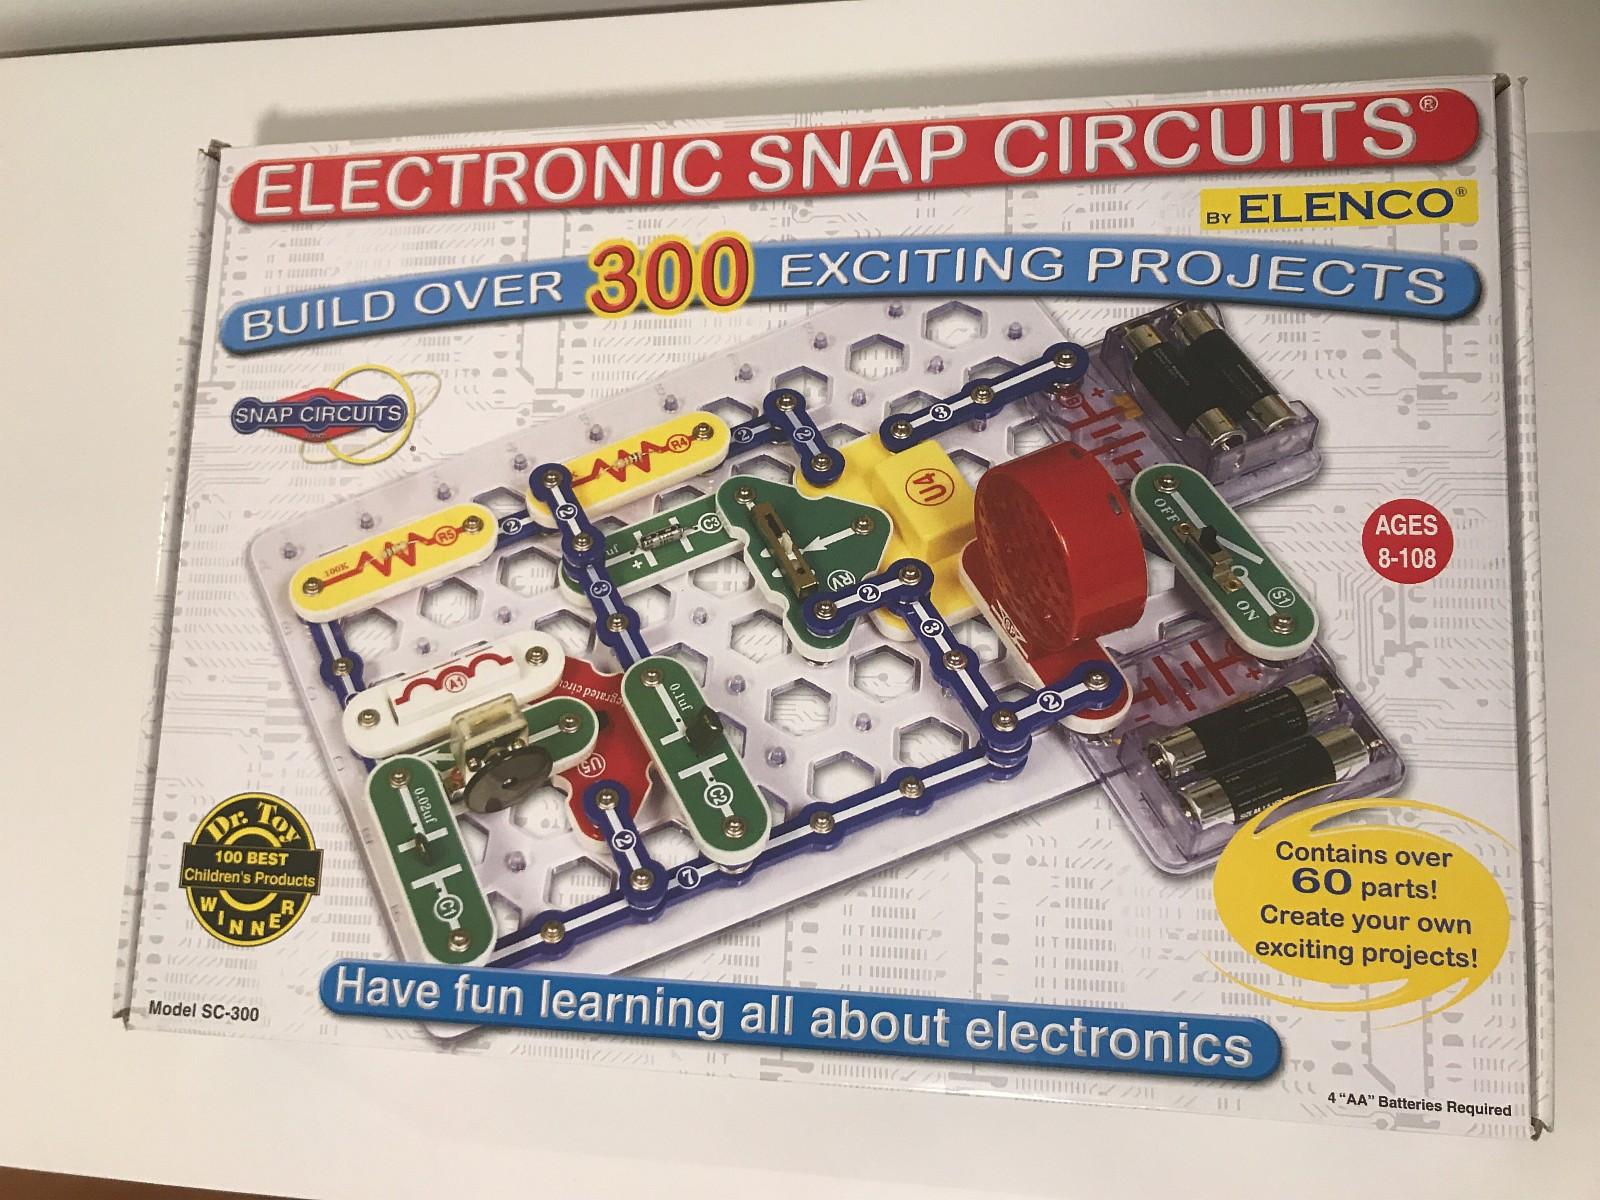 Electronic Snap Circuits 300 - Ulset  - Byggesett med over 300 ulike sett med instruksjoner, gøy å bygge i tillegg til at man lærer om elektronikk.  Lett brukt føles som ny. - Ulset